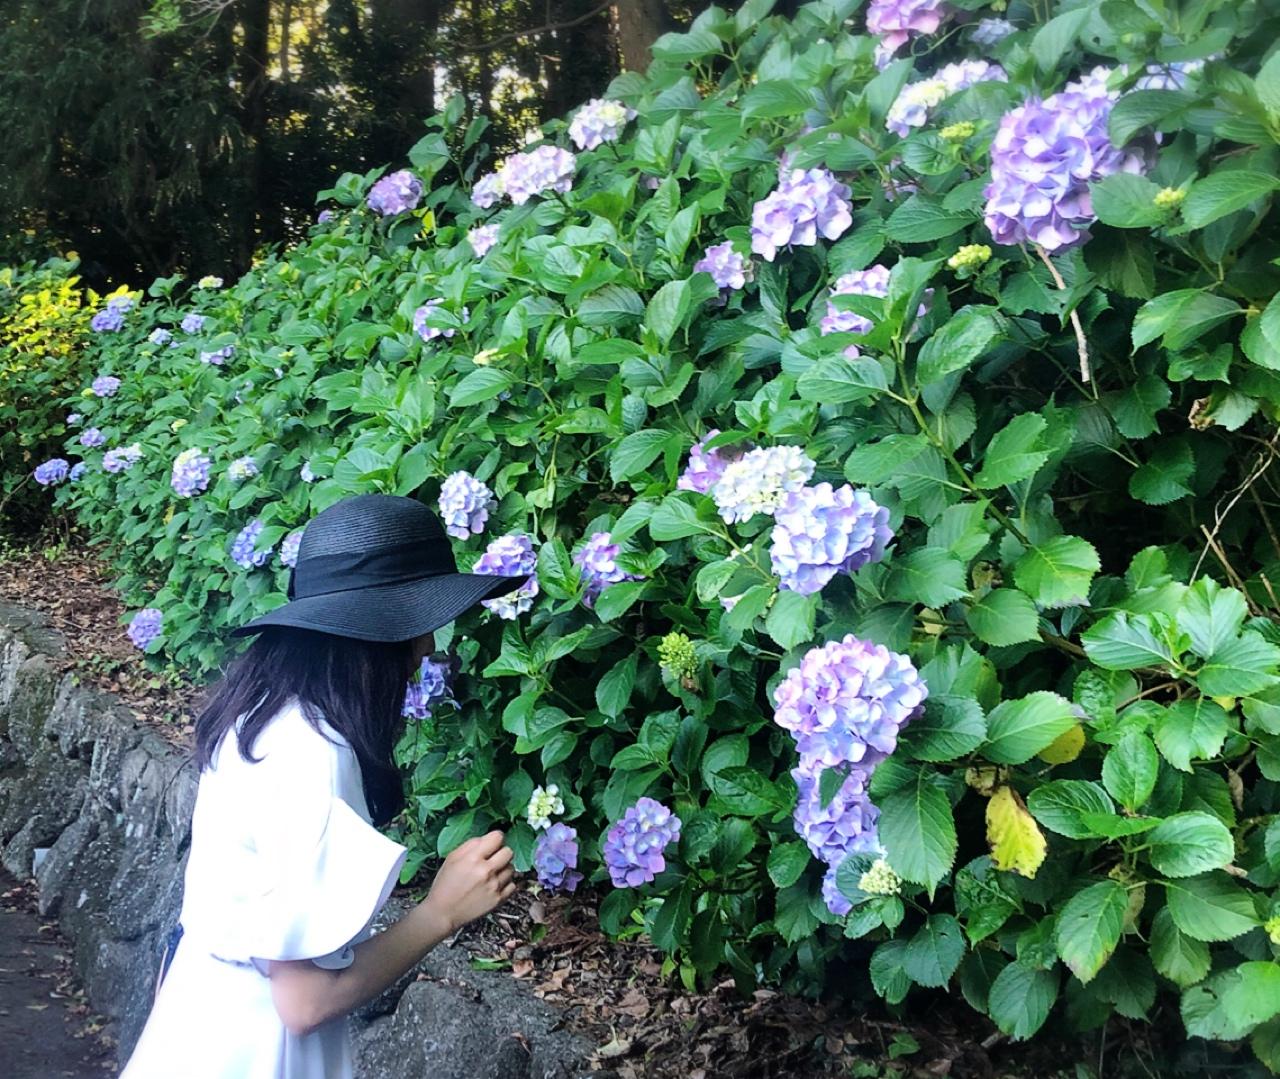 【#静岡】シーズン真っ只中♡4000株の満開のアジサイが可愛すぎる癒し空間へ行ってきました❁_4